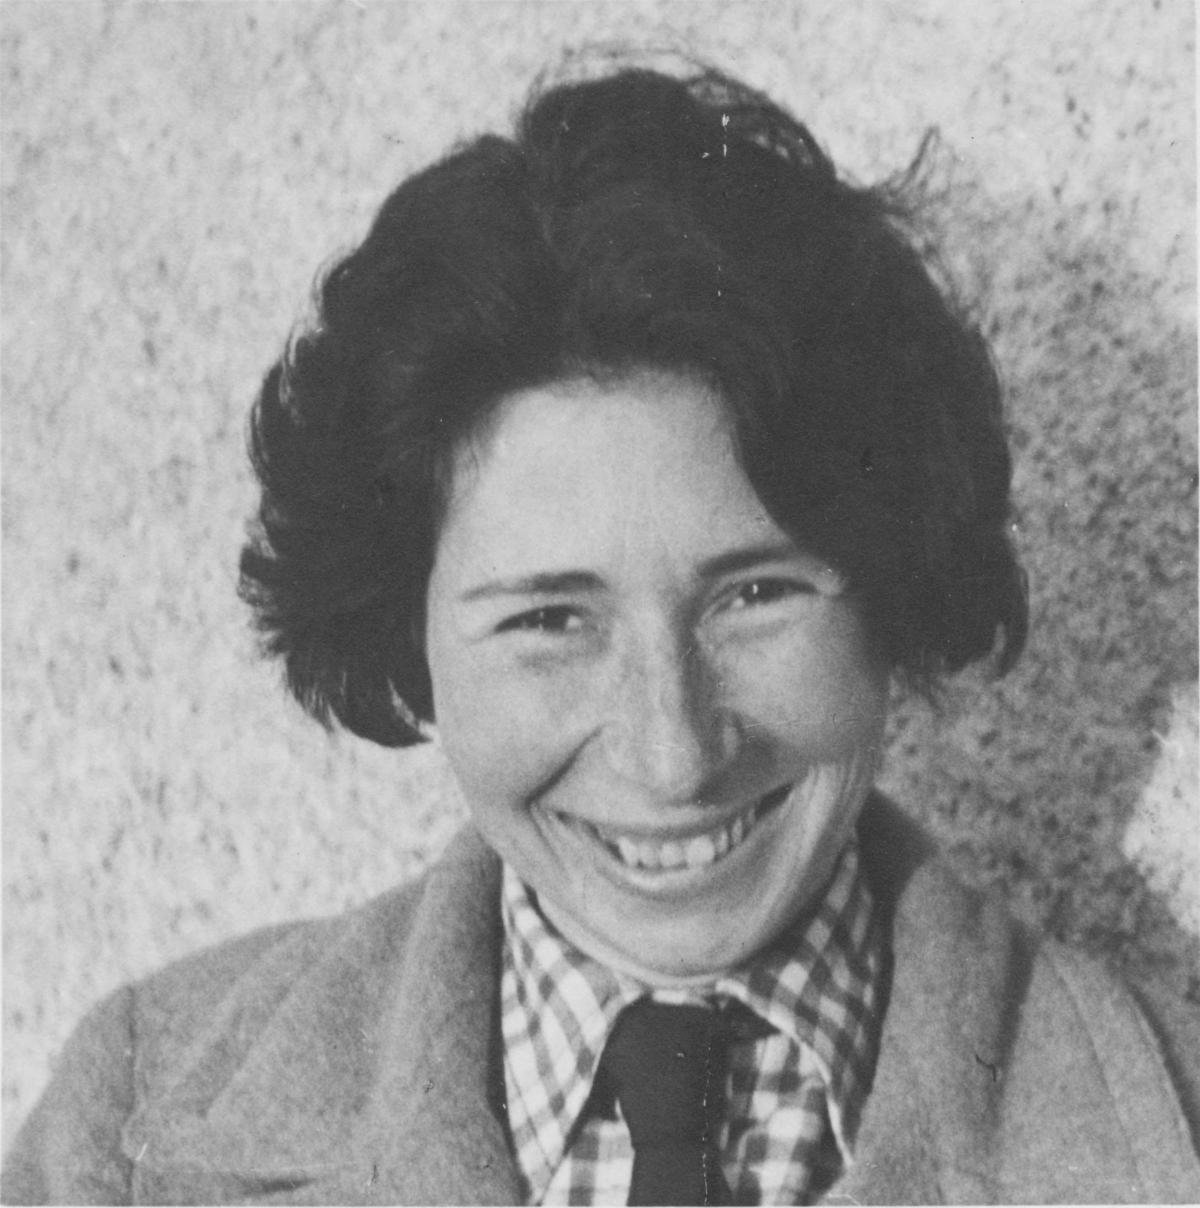 اورسولا کوژینسکی ؛ جاسوسی که نزدیک بود هیتلر را بکشد و شوروی را صاحب بمب اتمی کرد